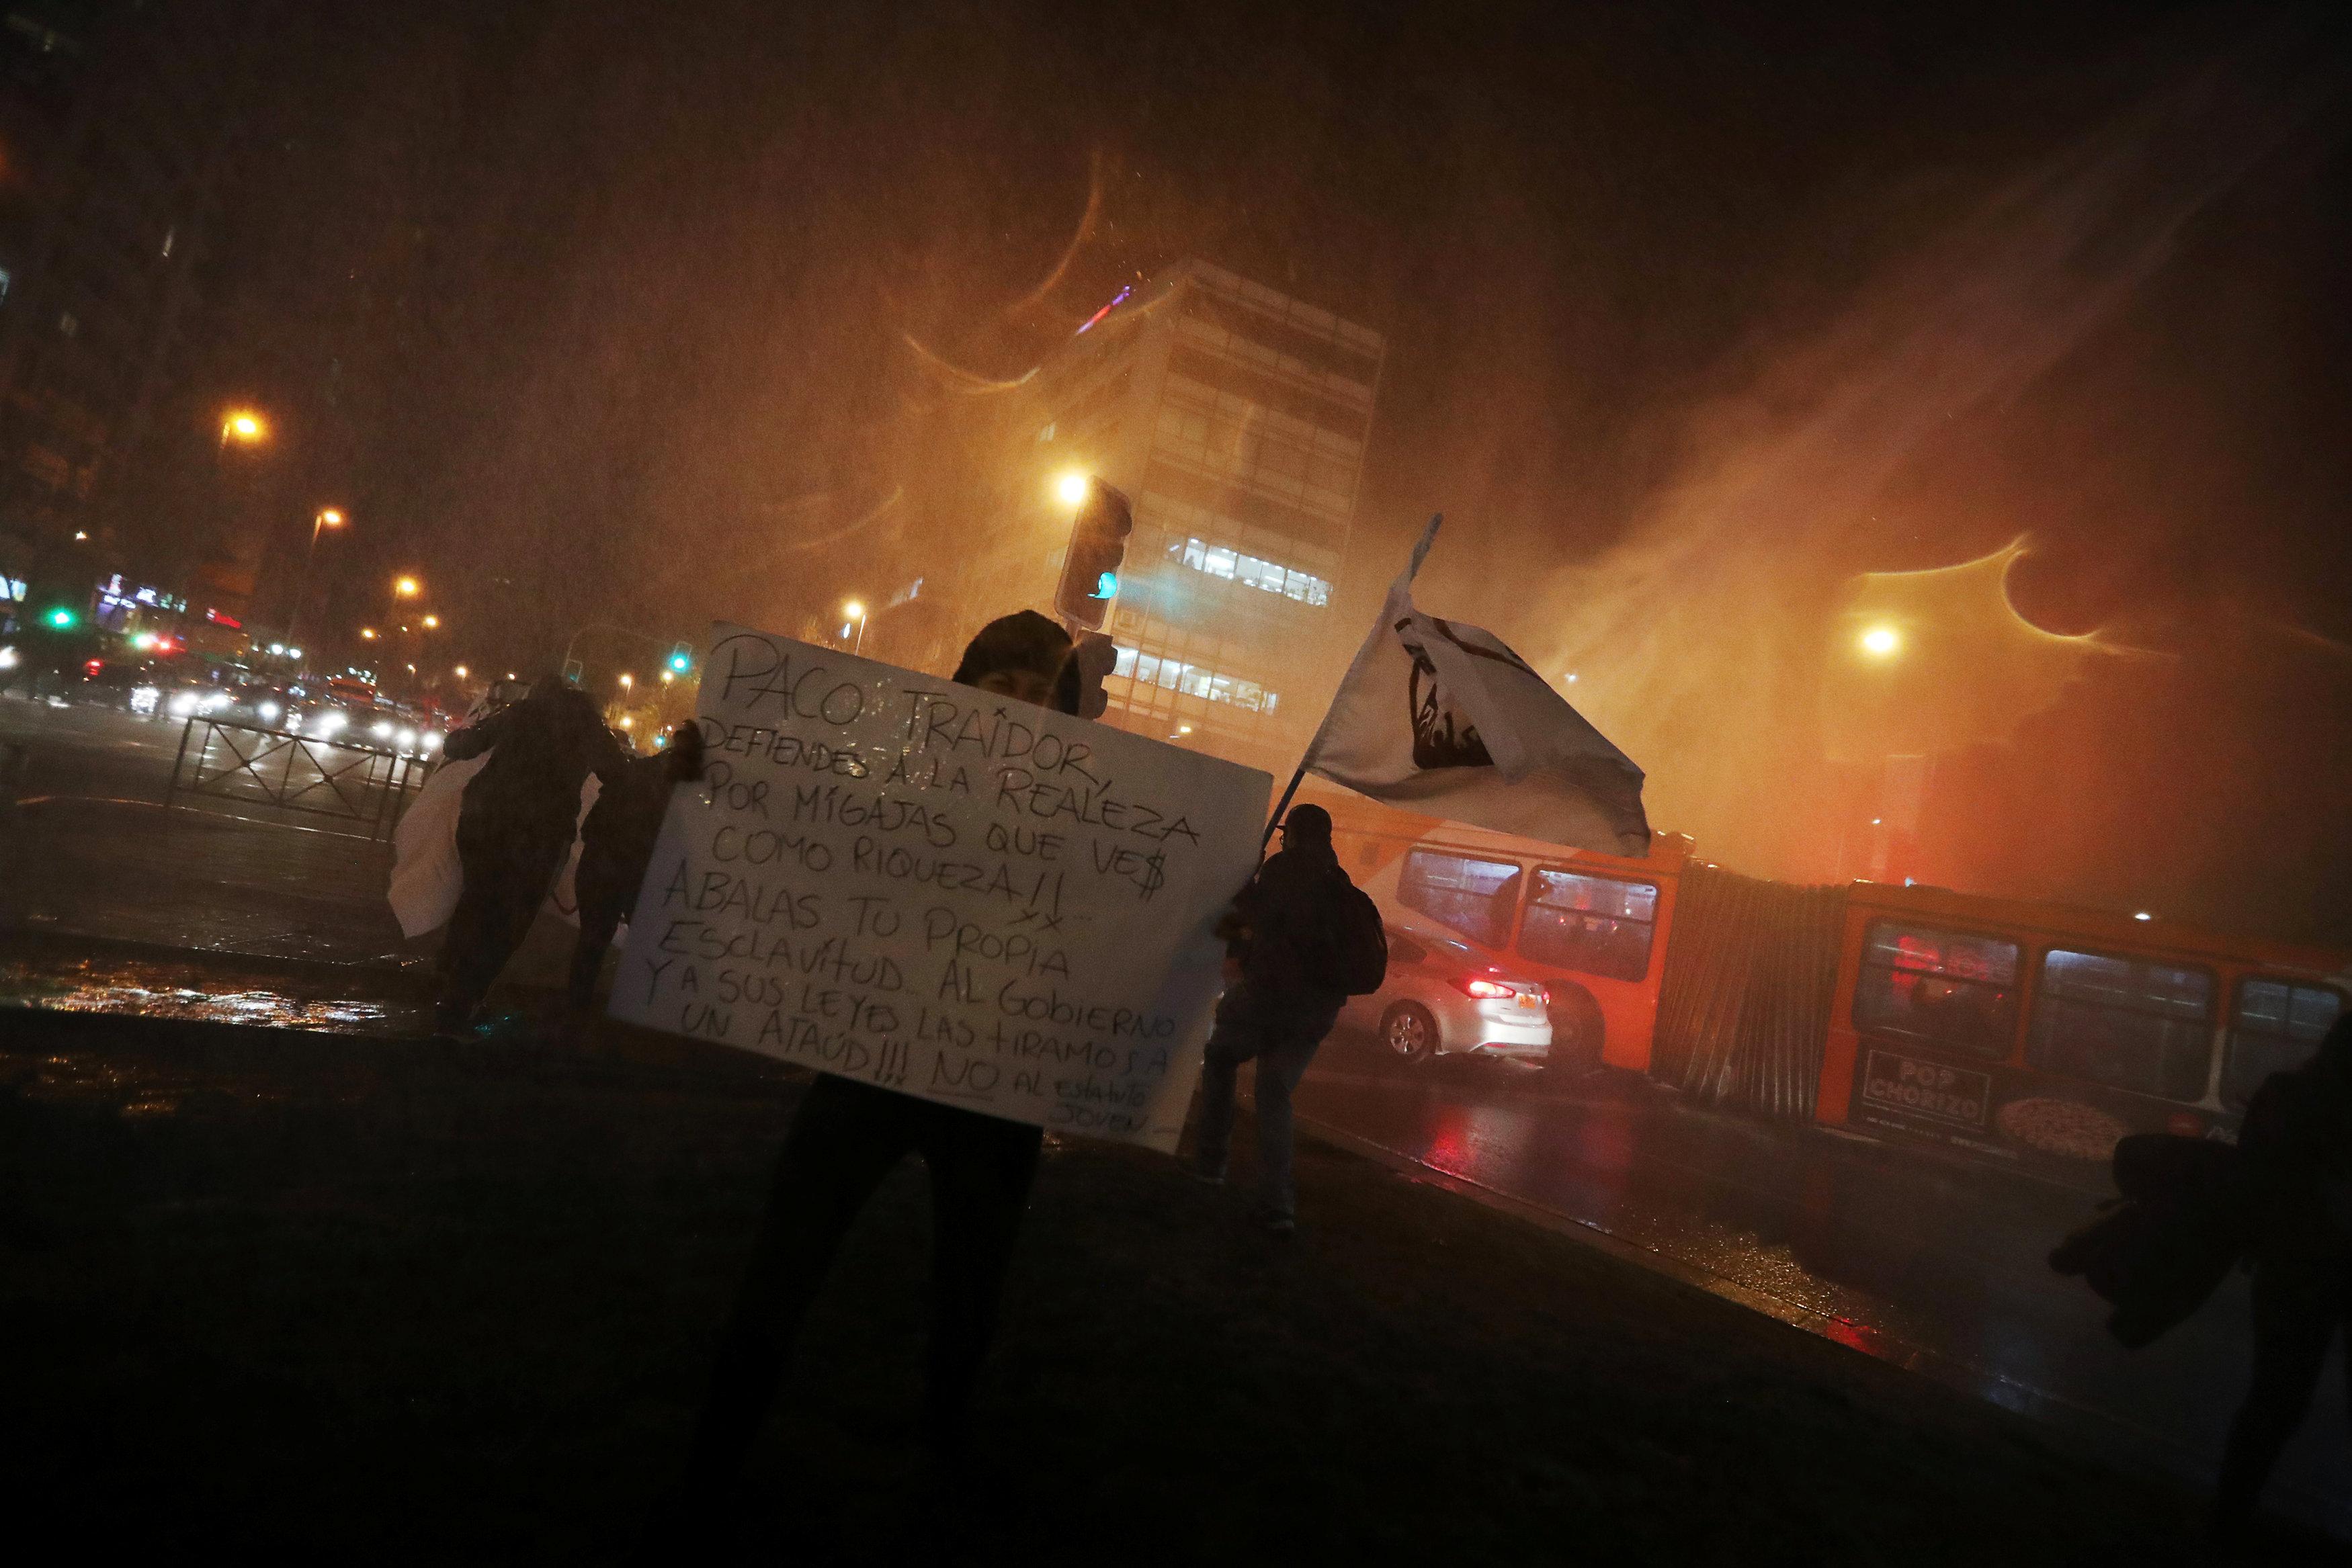 أحد المتظاهرين يحمل لافتة ضد الرئيس